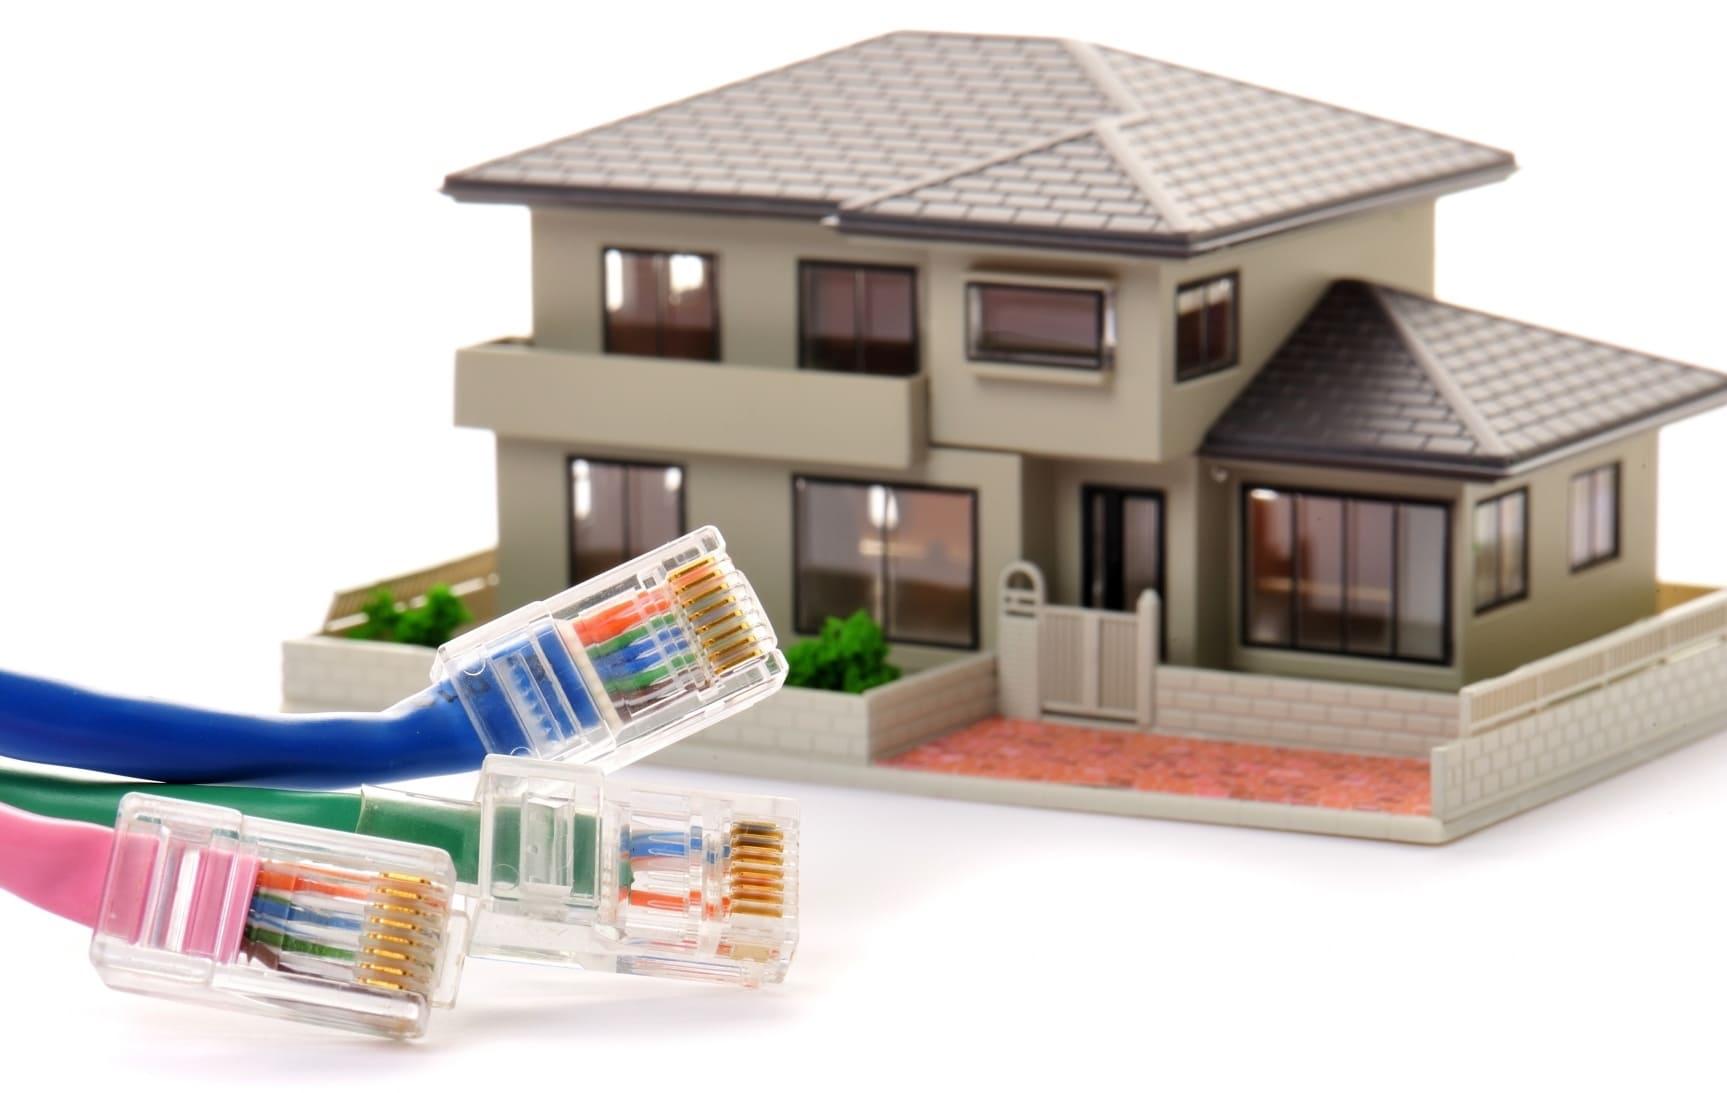 住宅に光回線を開通する工事のイメージ